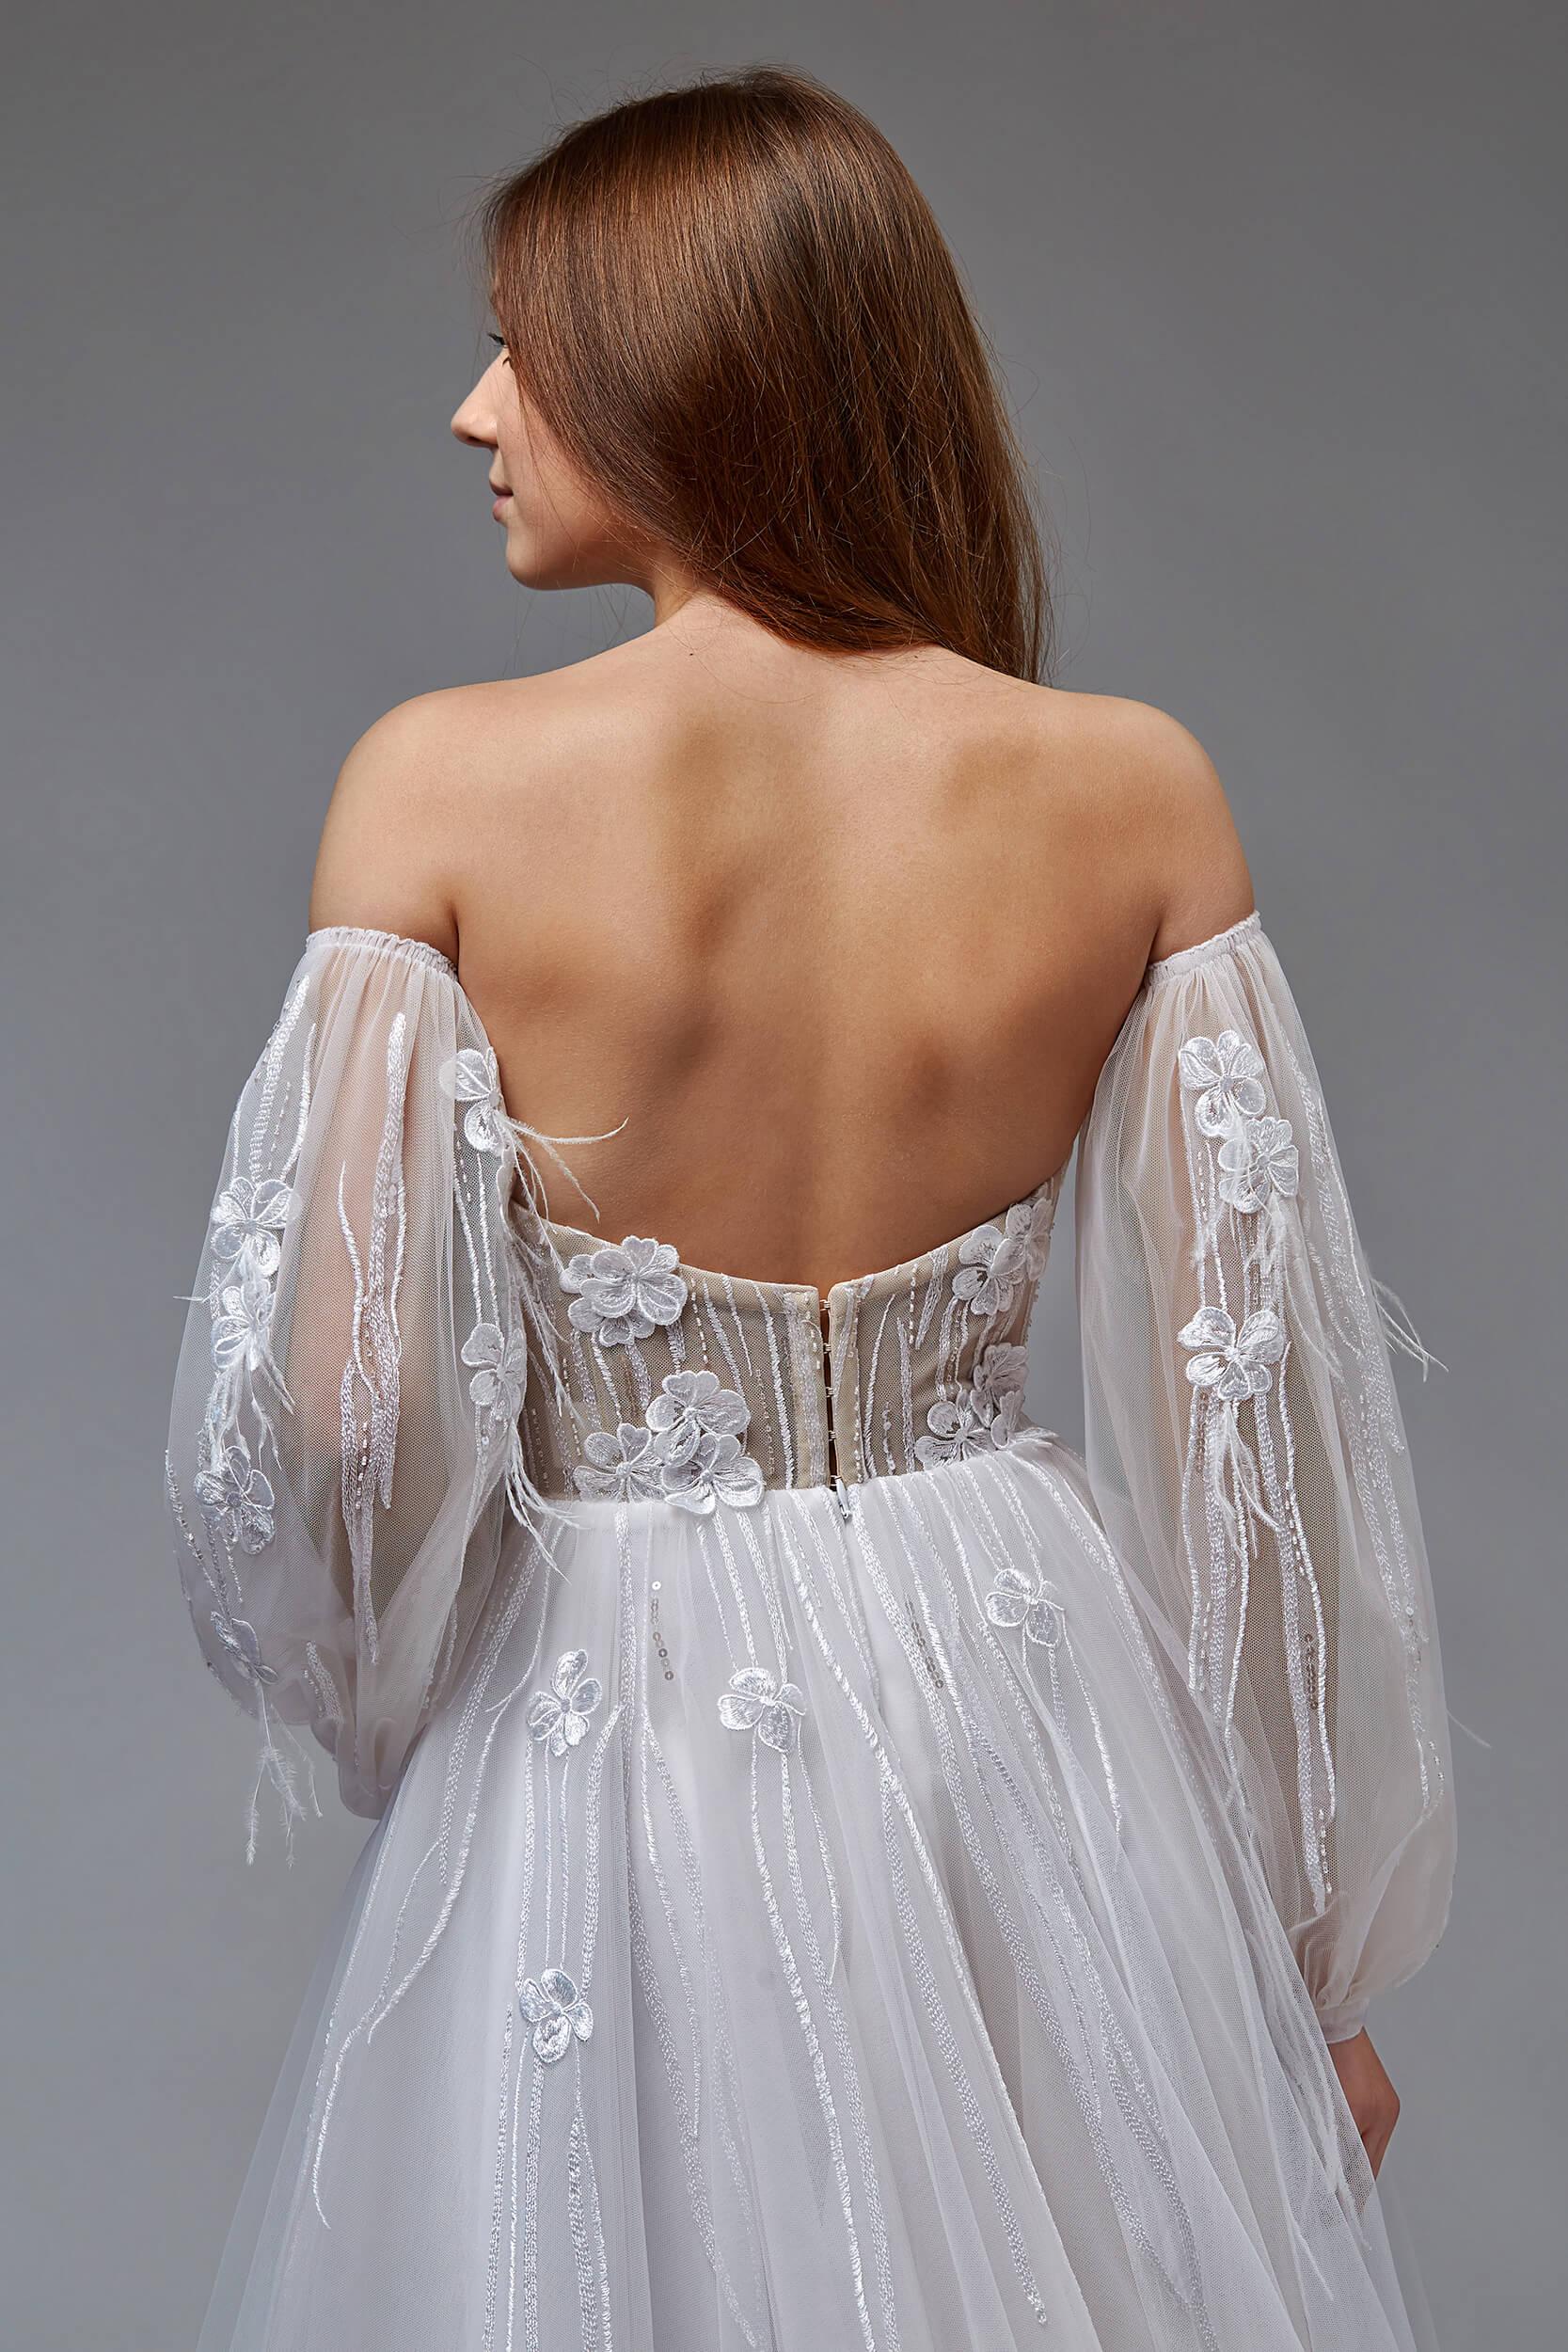 самые стильные свадебные платья(3) | Vero